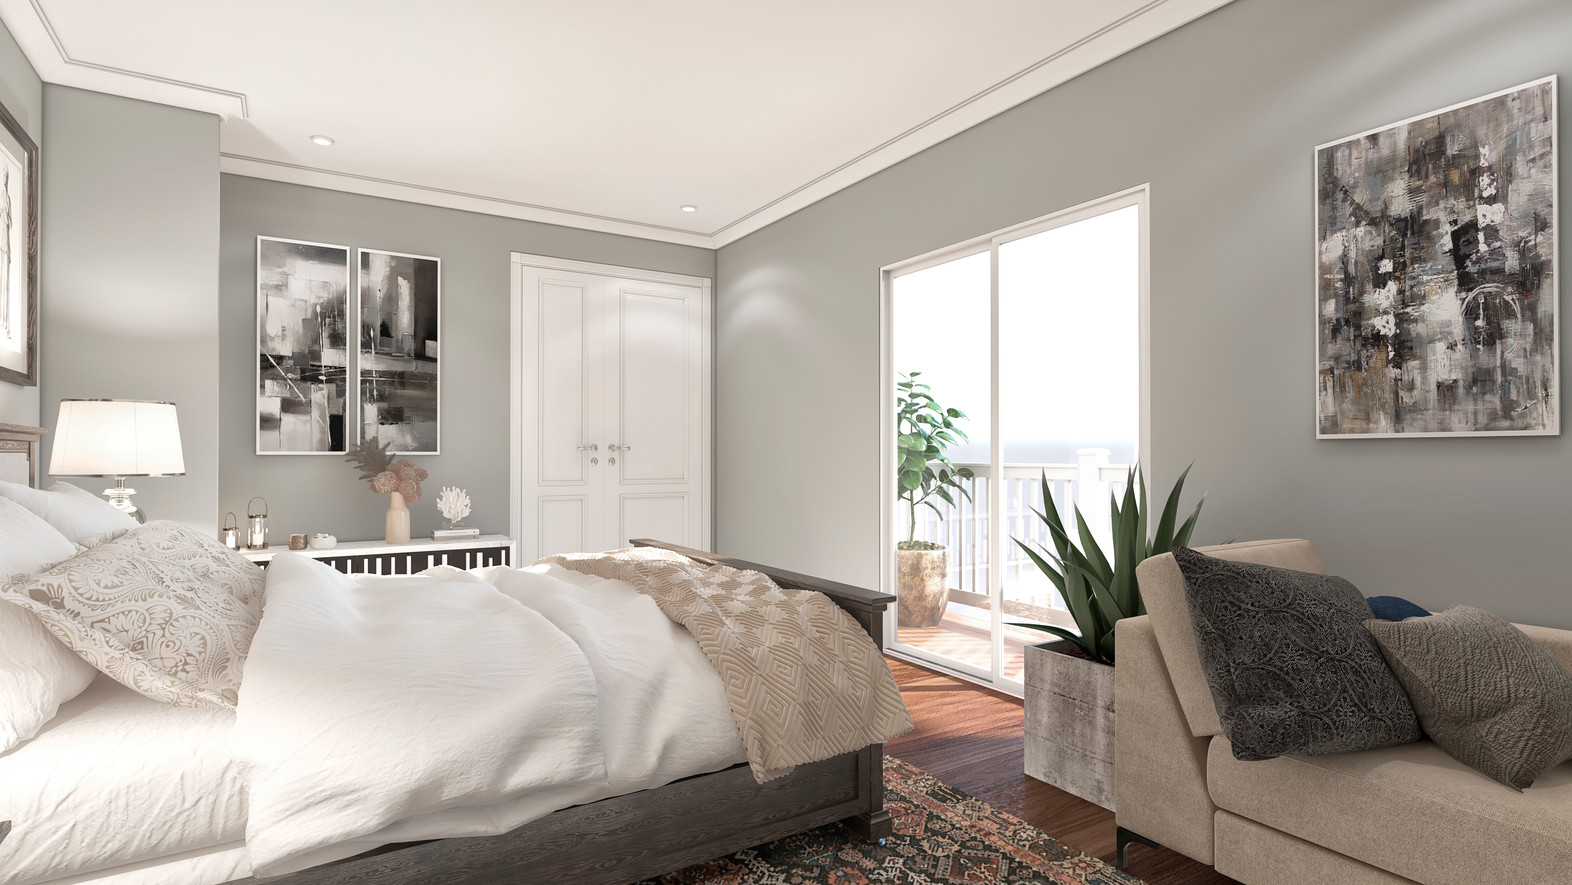 Bedroom Render